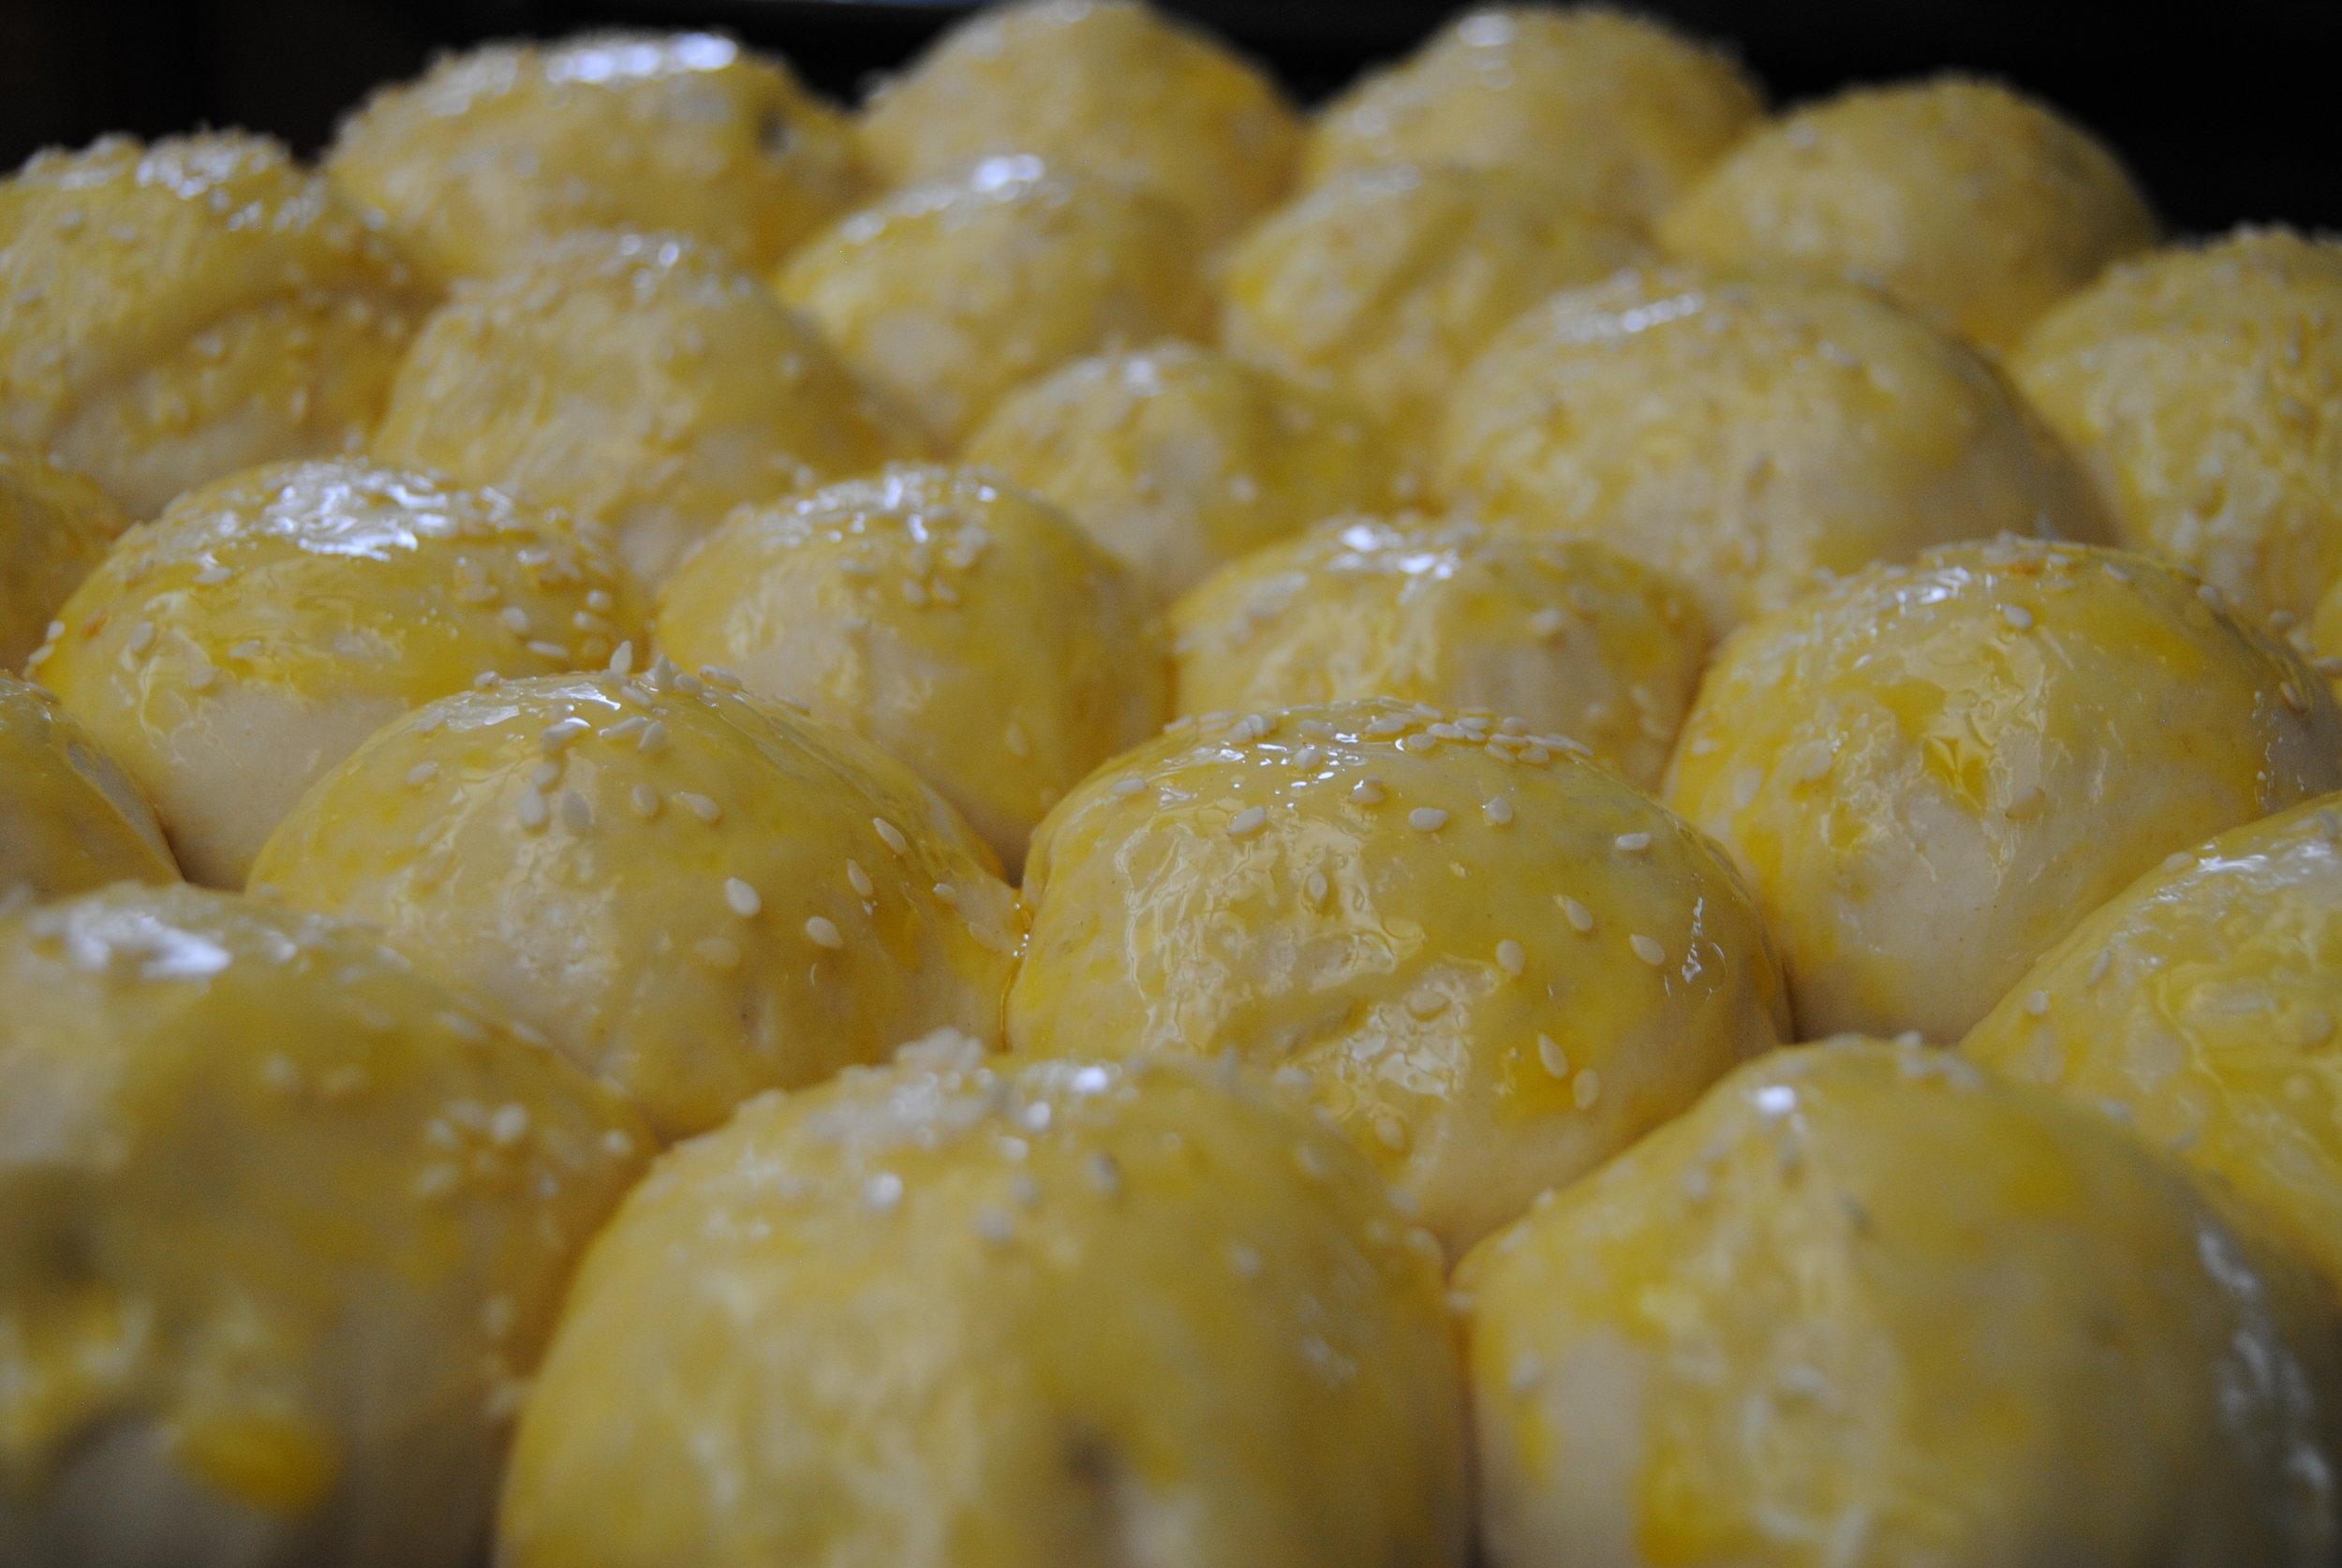 Egg yolk wash prior to baking